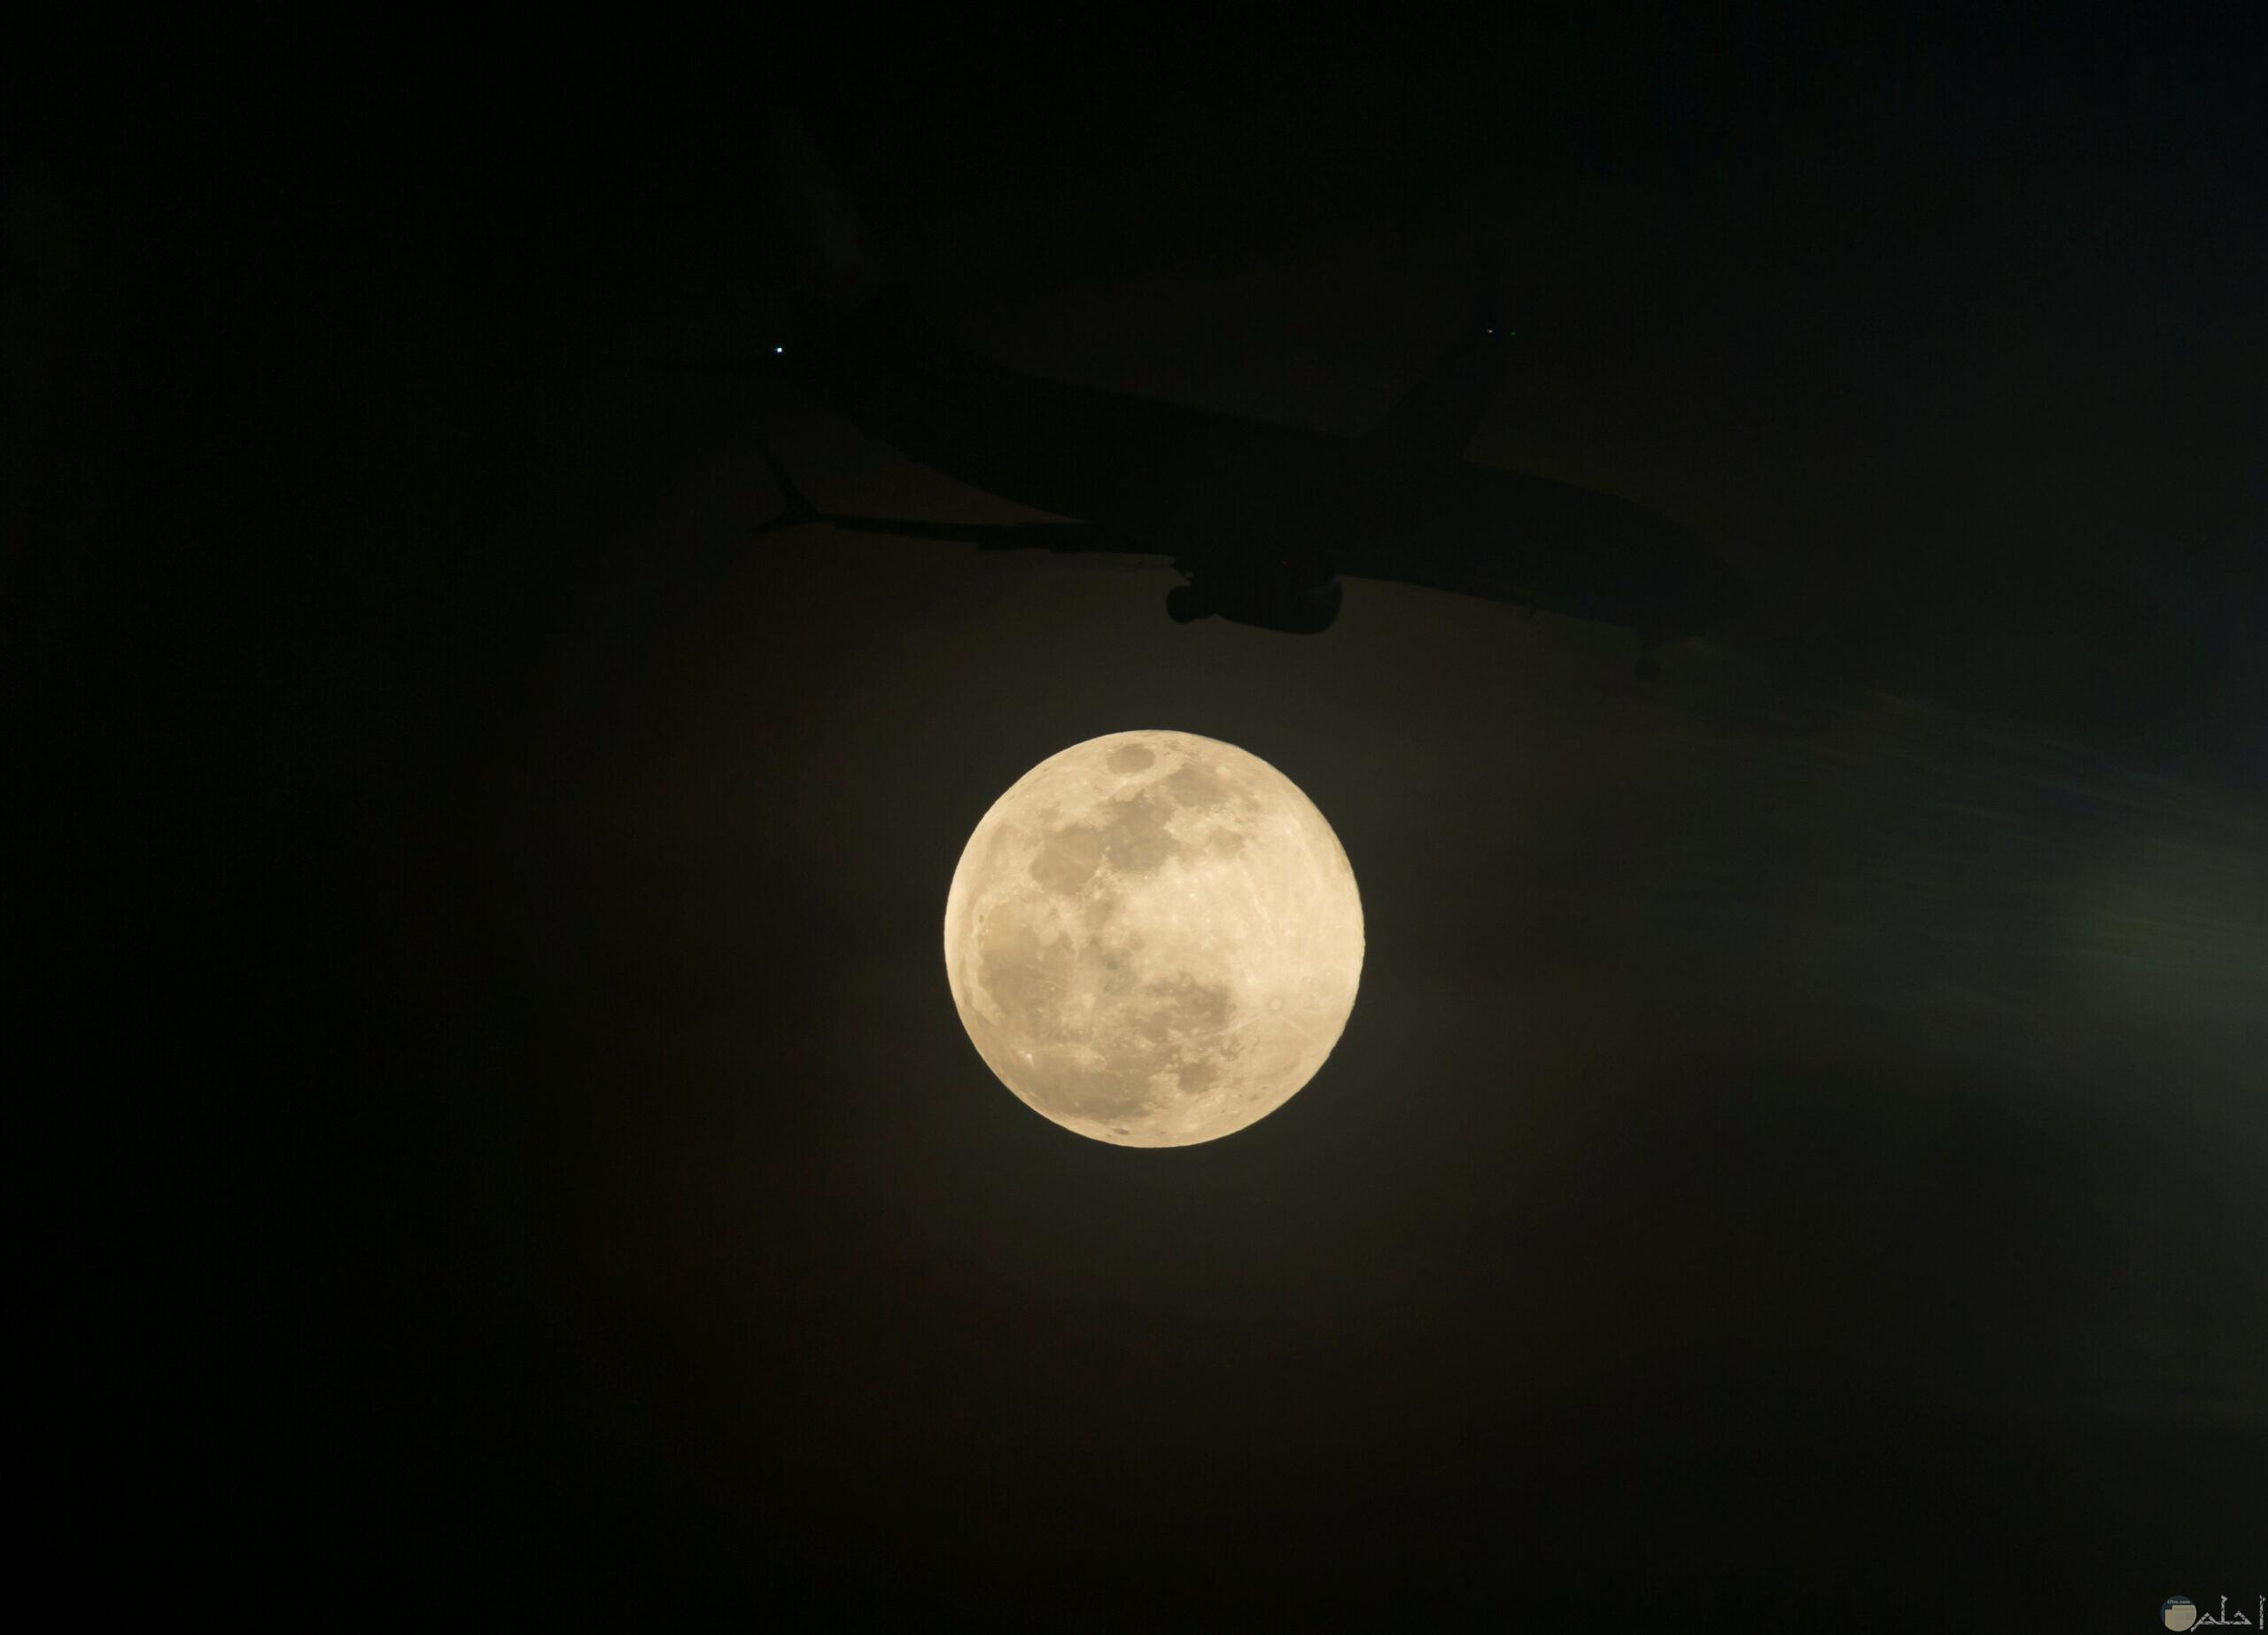 نور القمر يشع بين السحاب ليلاً.